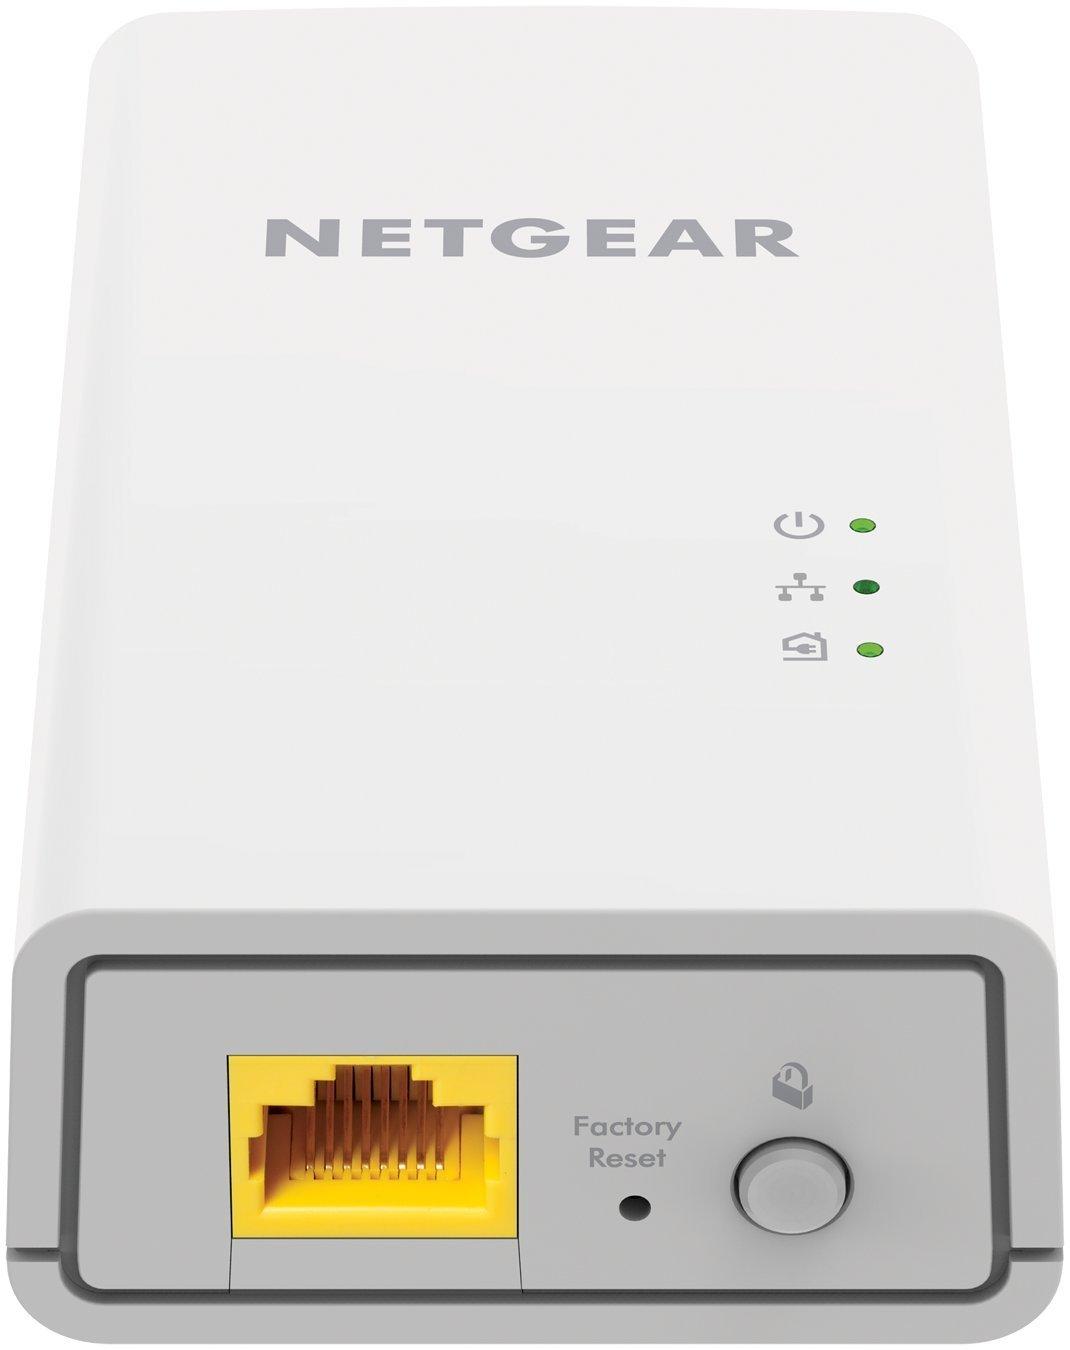 NETGEAR NETWORK EXTENDER OVER POWERLINE, 1Gbps with HOMEPLUG AV2, set of 2x PL1000, 2 years warranty